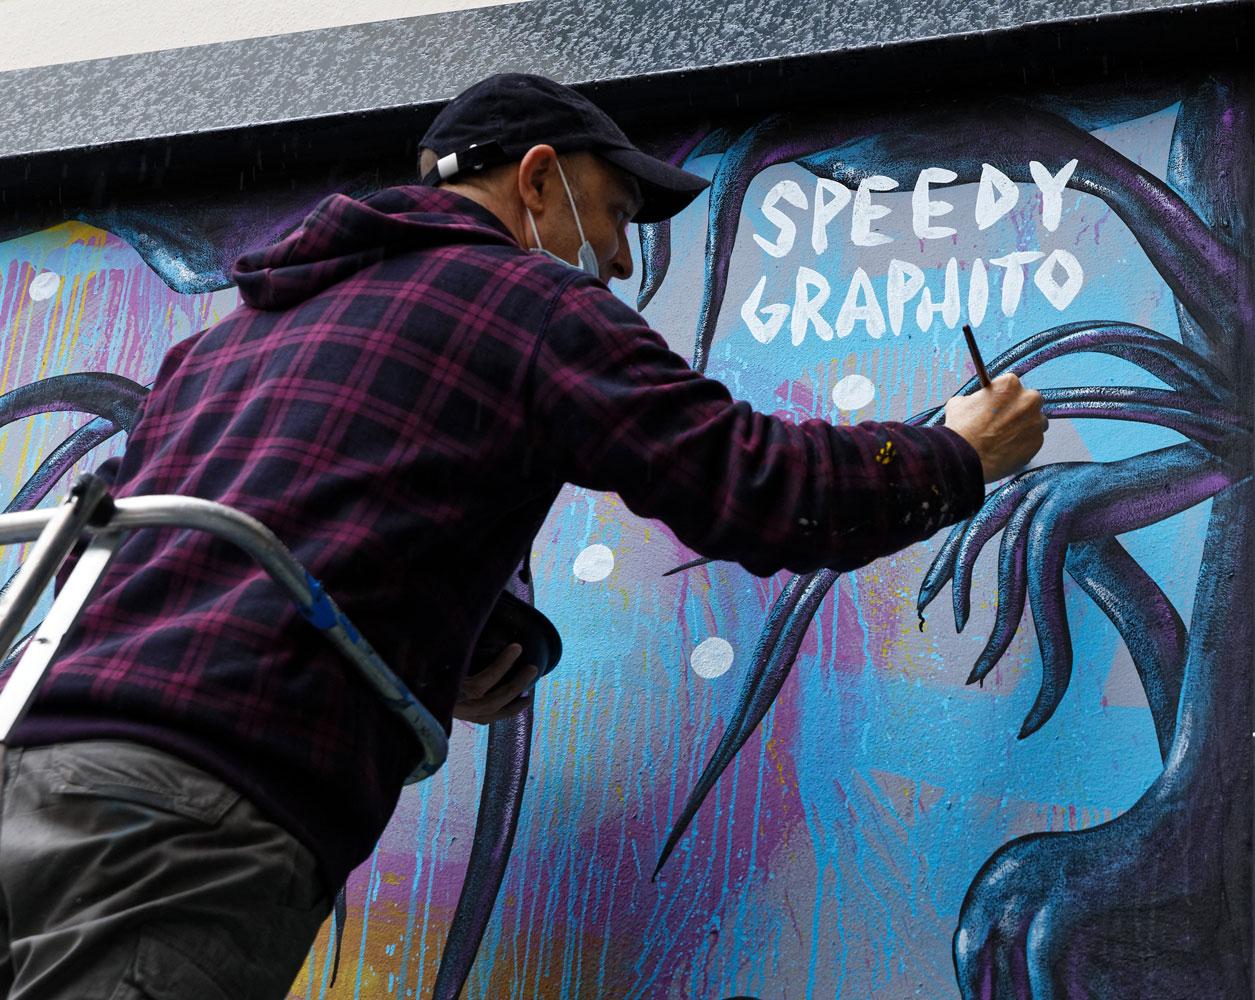 Speedy Graphito - 10